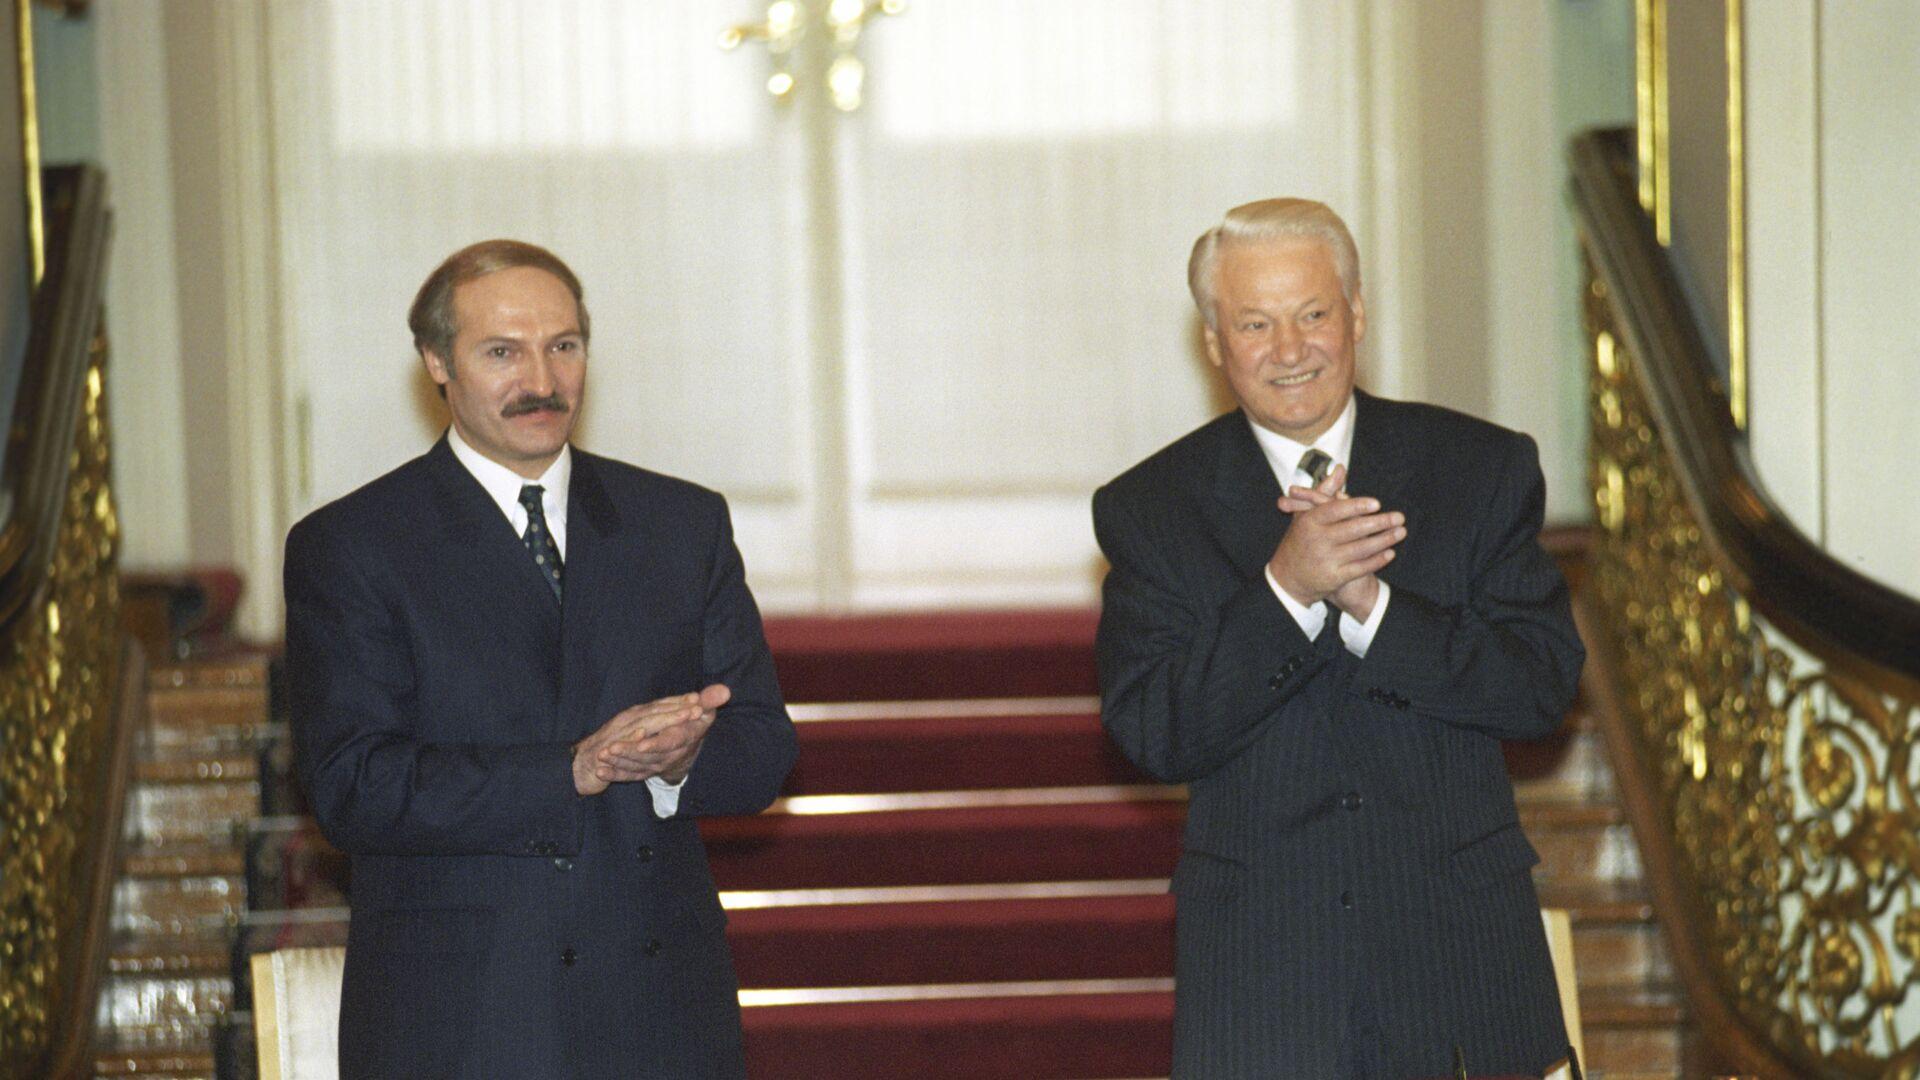 El presidente de Bielorrusia, Aleksandr Lukashenko, y el entonces presidente de Rusia, Borís Yeltsin, firman el tratado sobre la creación de la Comunidad de Rusia y Bielorrusia - Sputnik Mundo, 1920, 31.03.2021